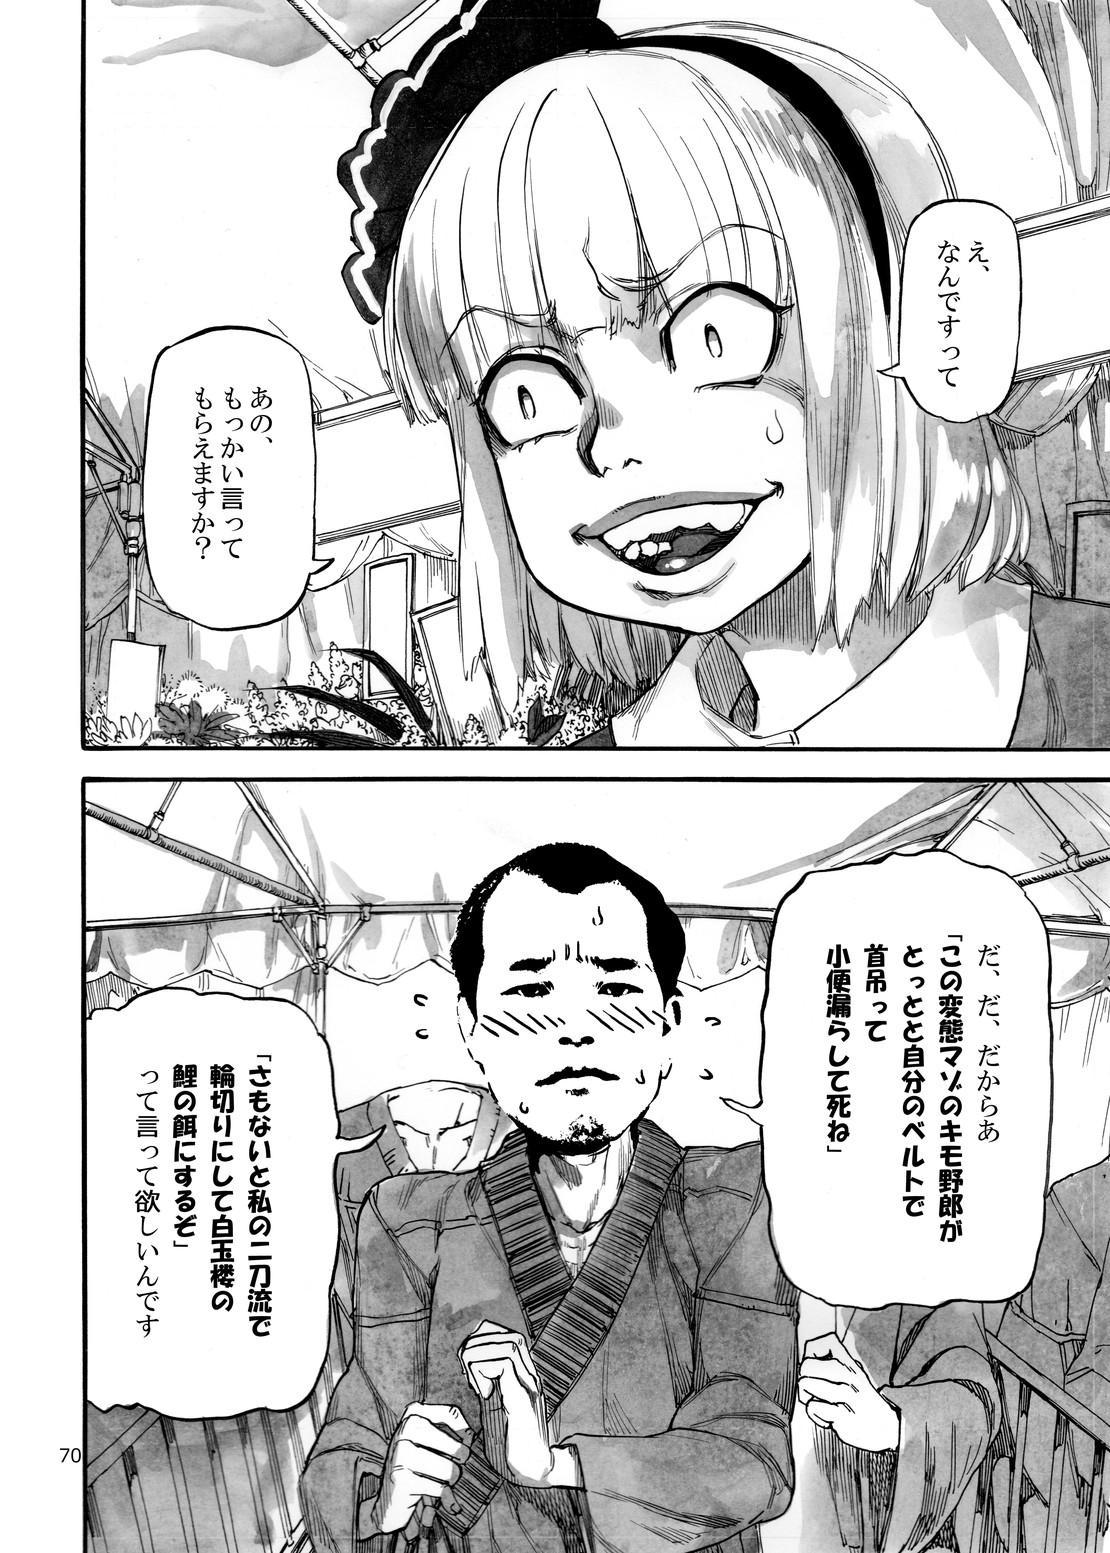 Shikibo Natsu 69